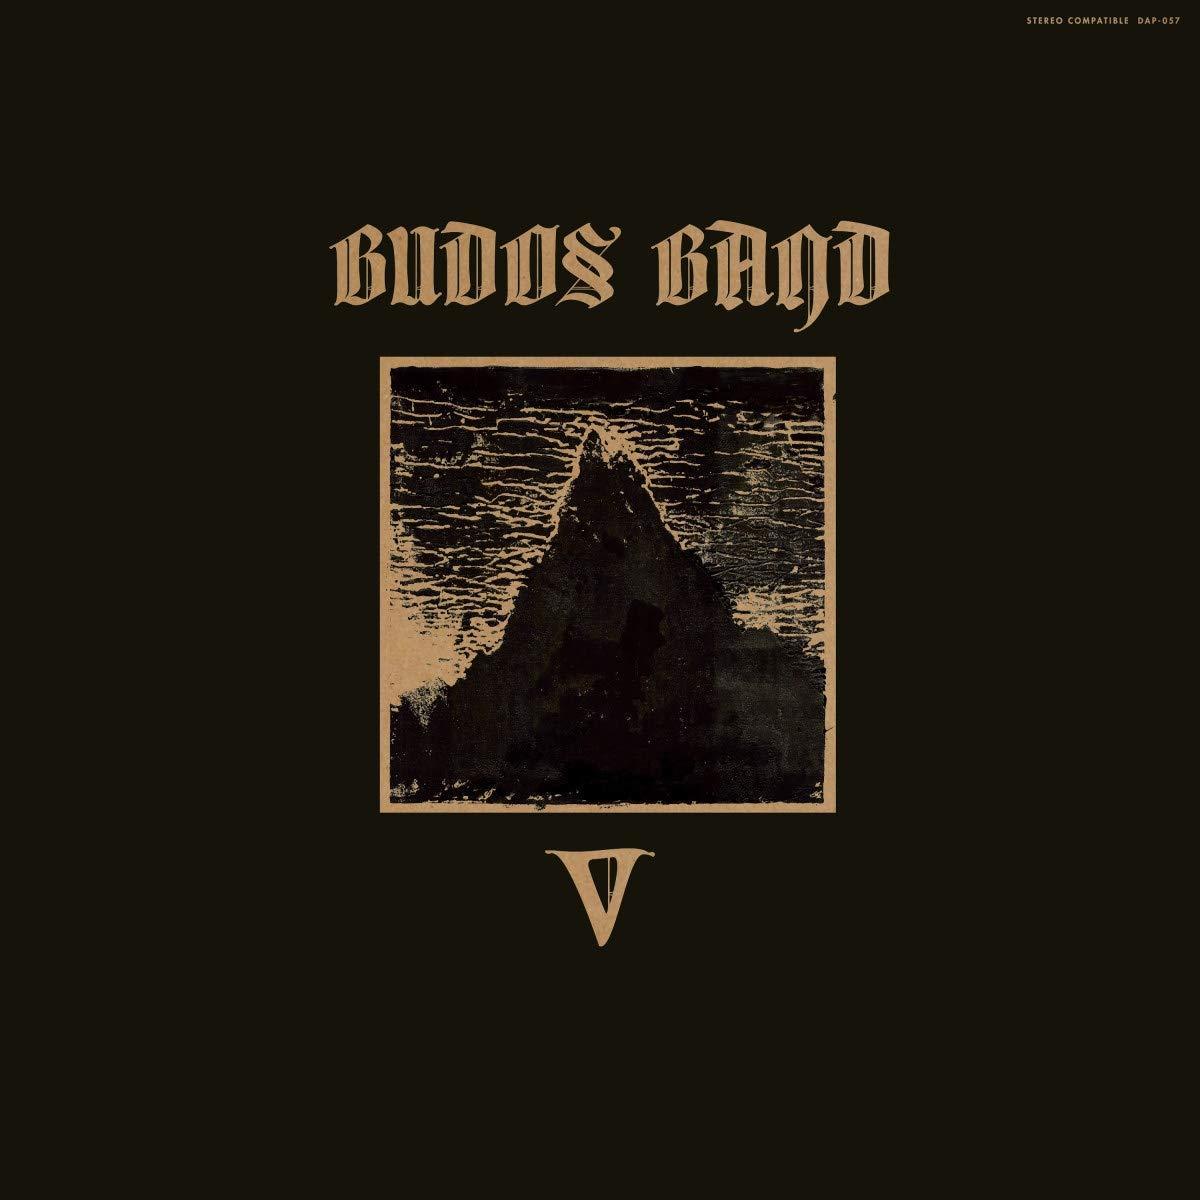 Vinilo : The Budos Band - V (Digital Download Card)